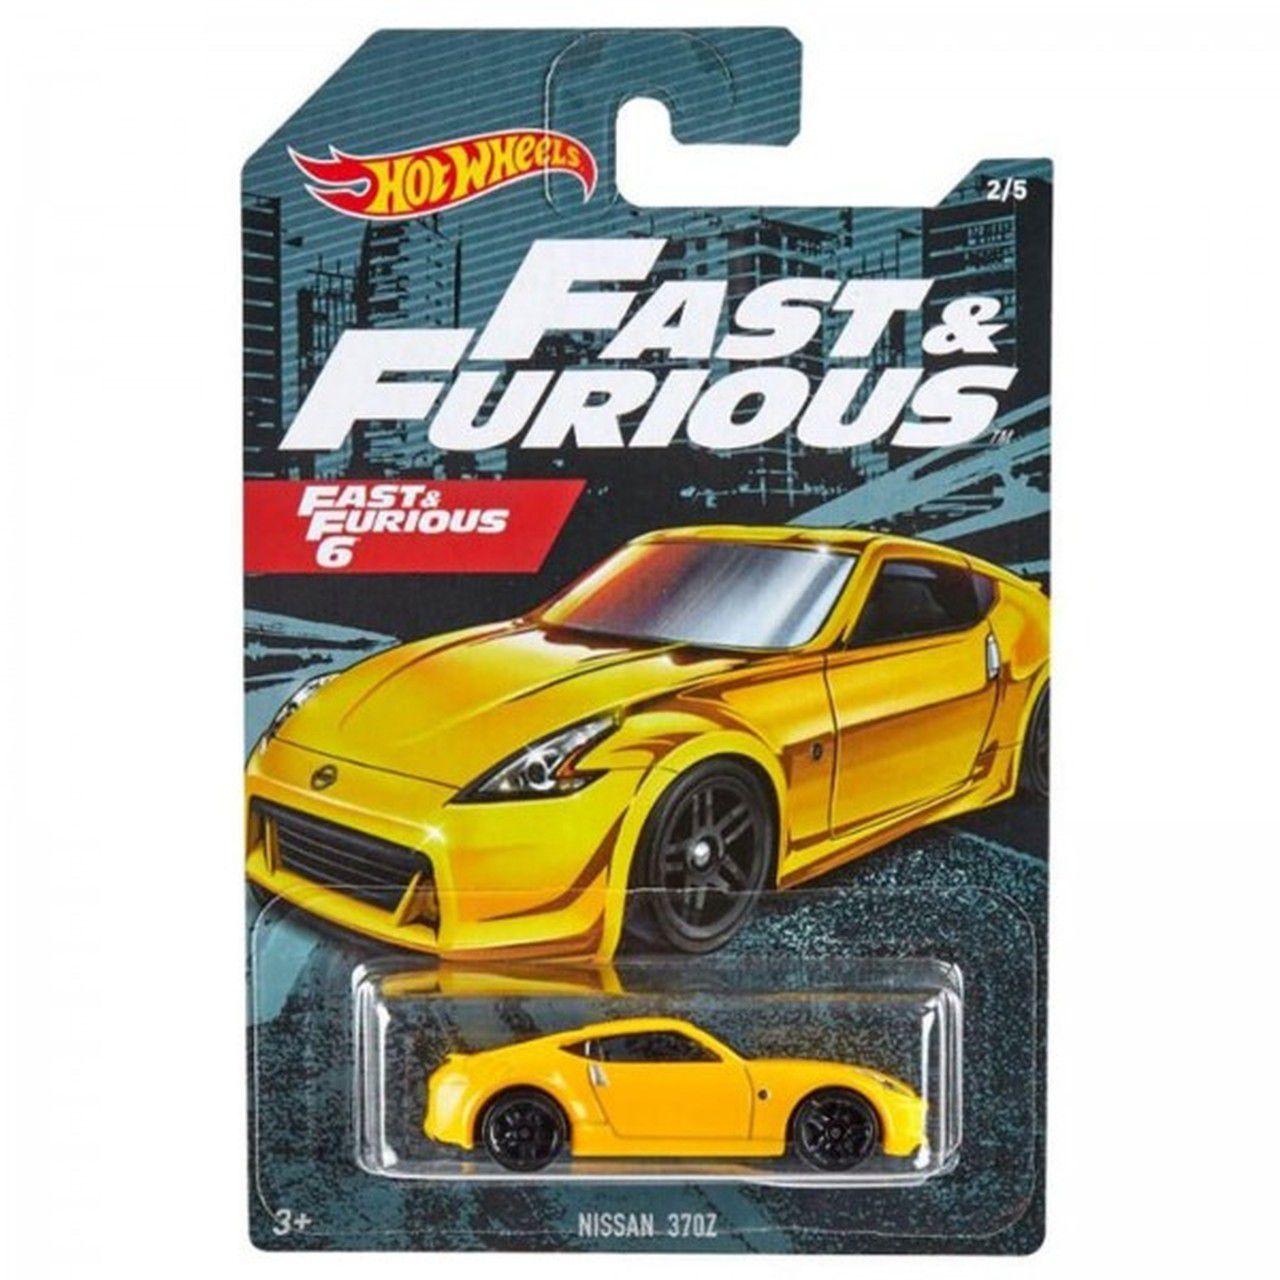 Carrinho Nissan 370Z: Velozes e Furiosos 6 (Fast & Furious) - Hot Wheels